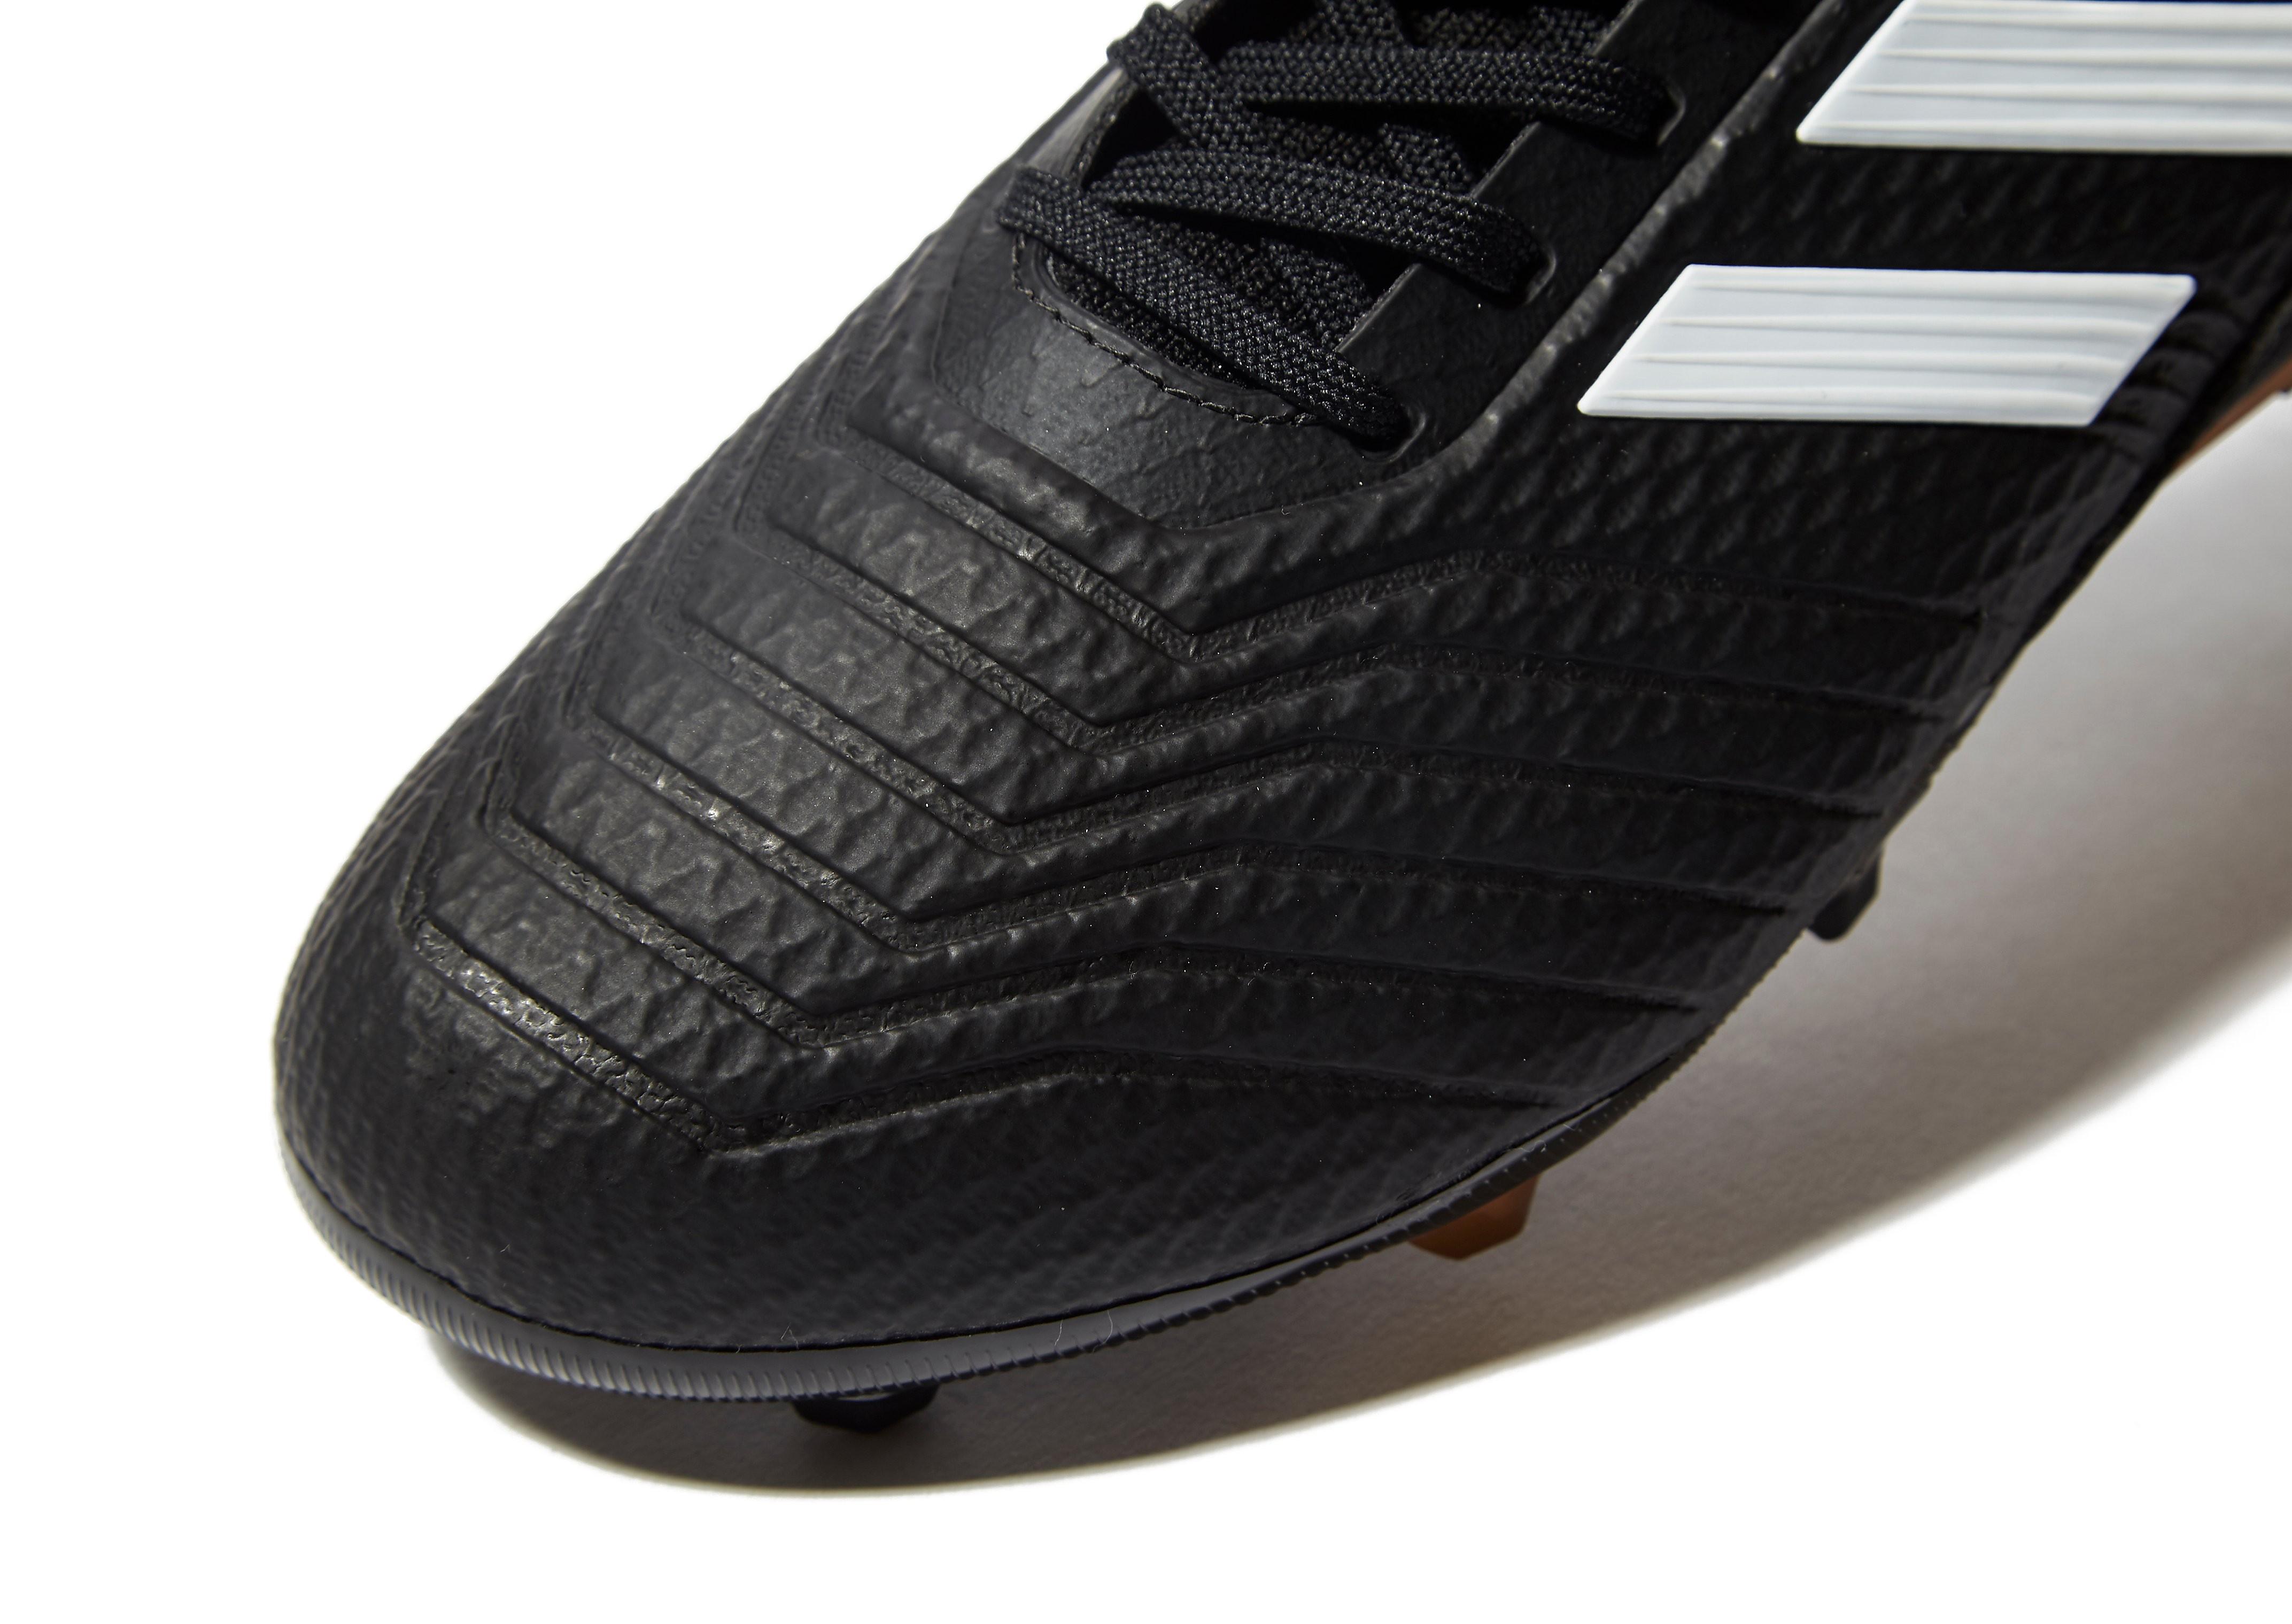 adidas SkyStalker Predator 18.3 FG